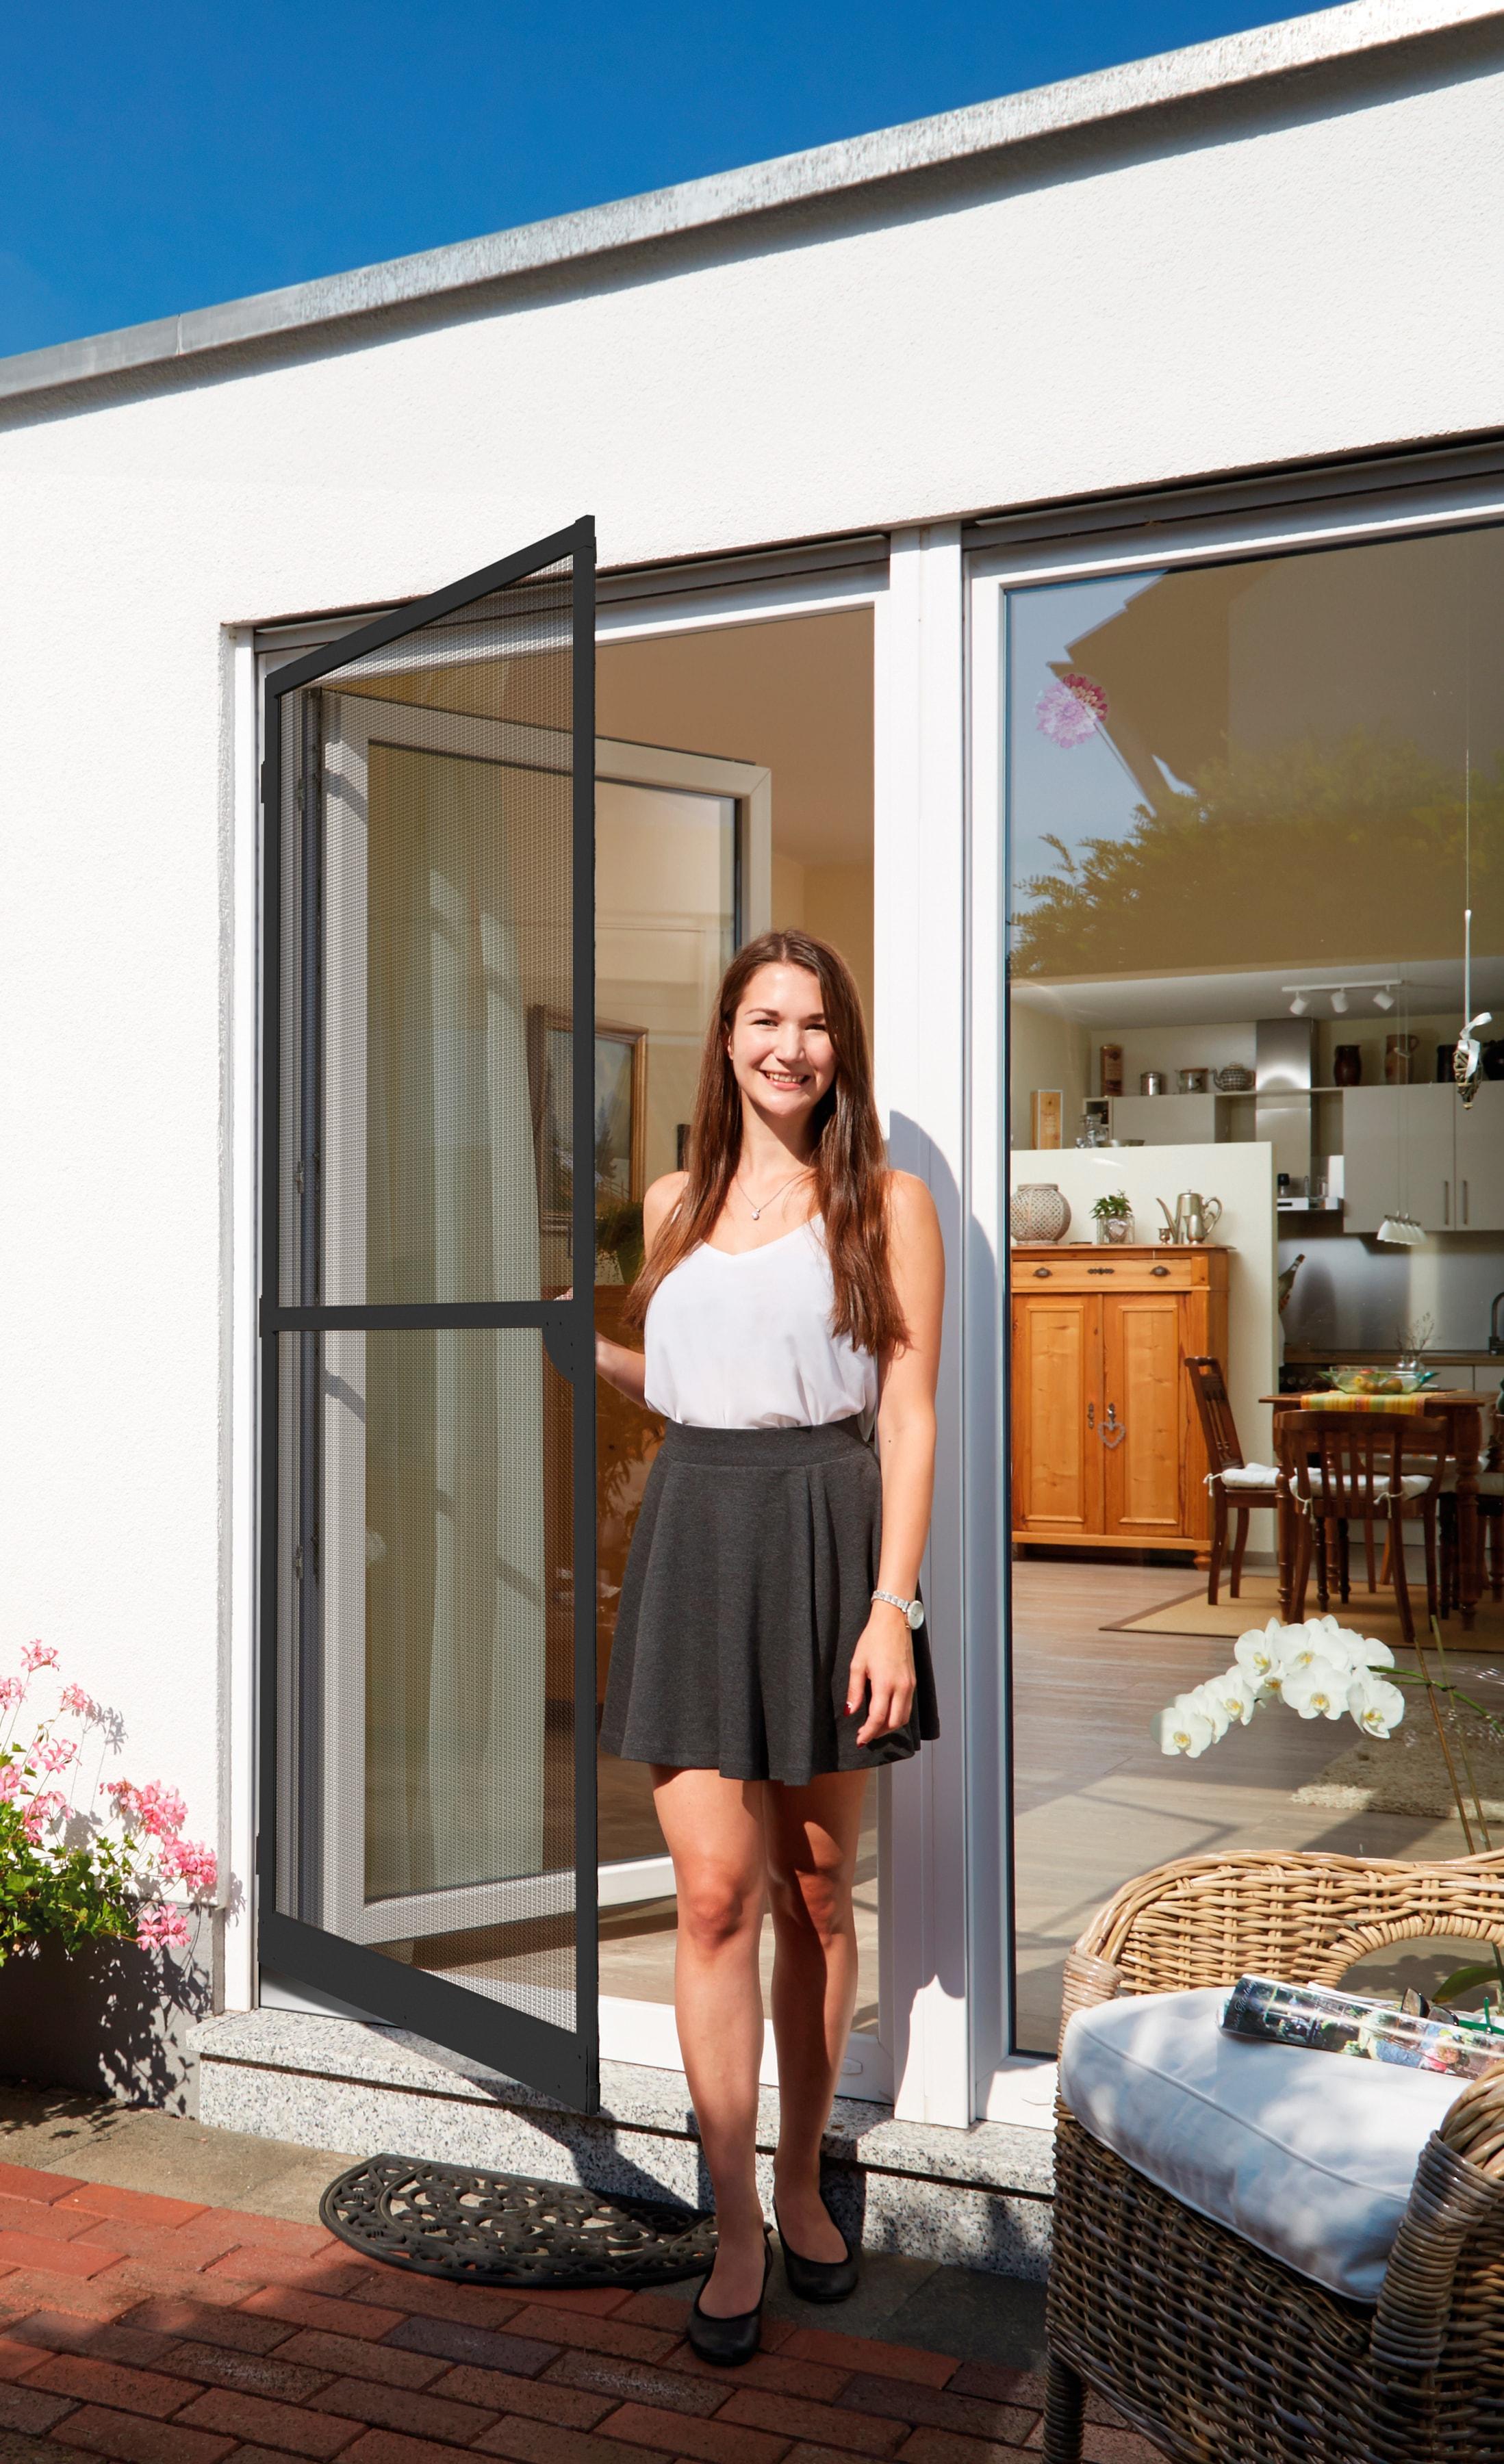 SCHELLENBERG Insektenschutz-Tür, BxH: 120x240 cm grau Fliegengitter Insektenschutz Bauen Renovieren Insektenschutz-Tür